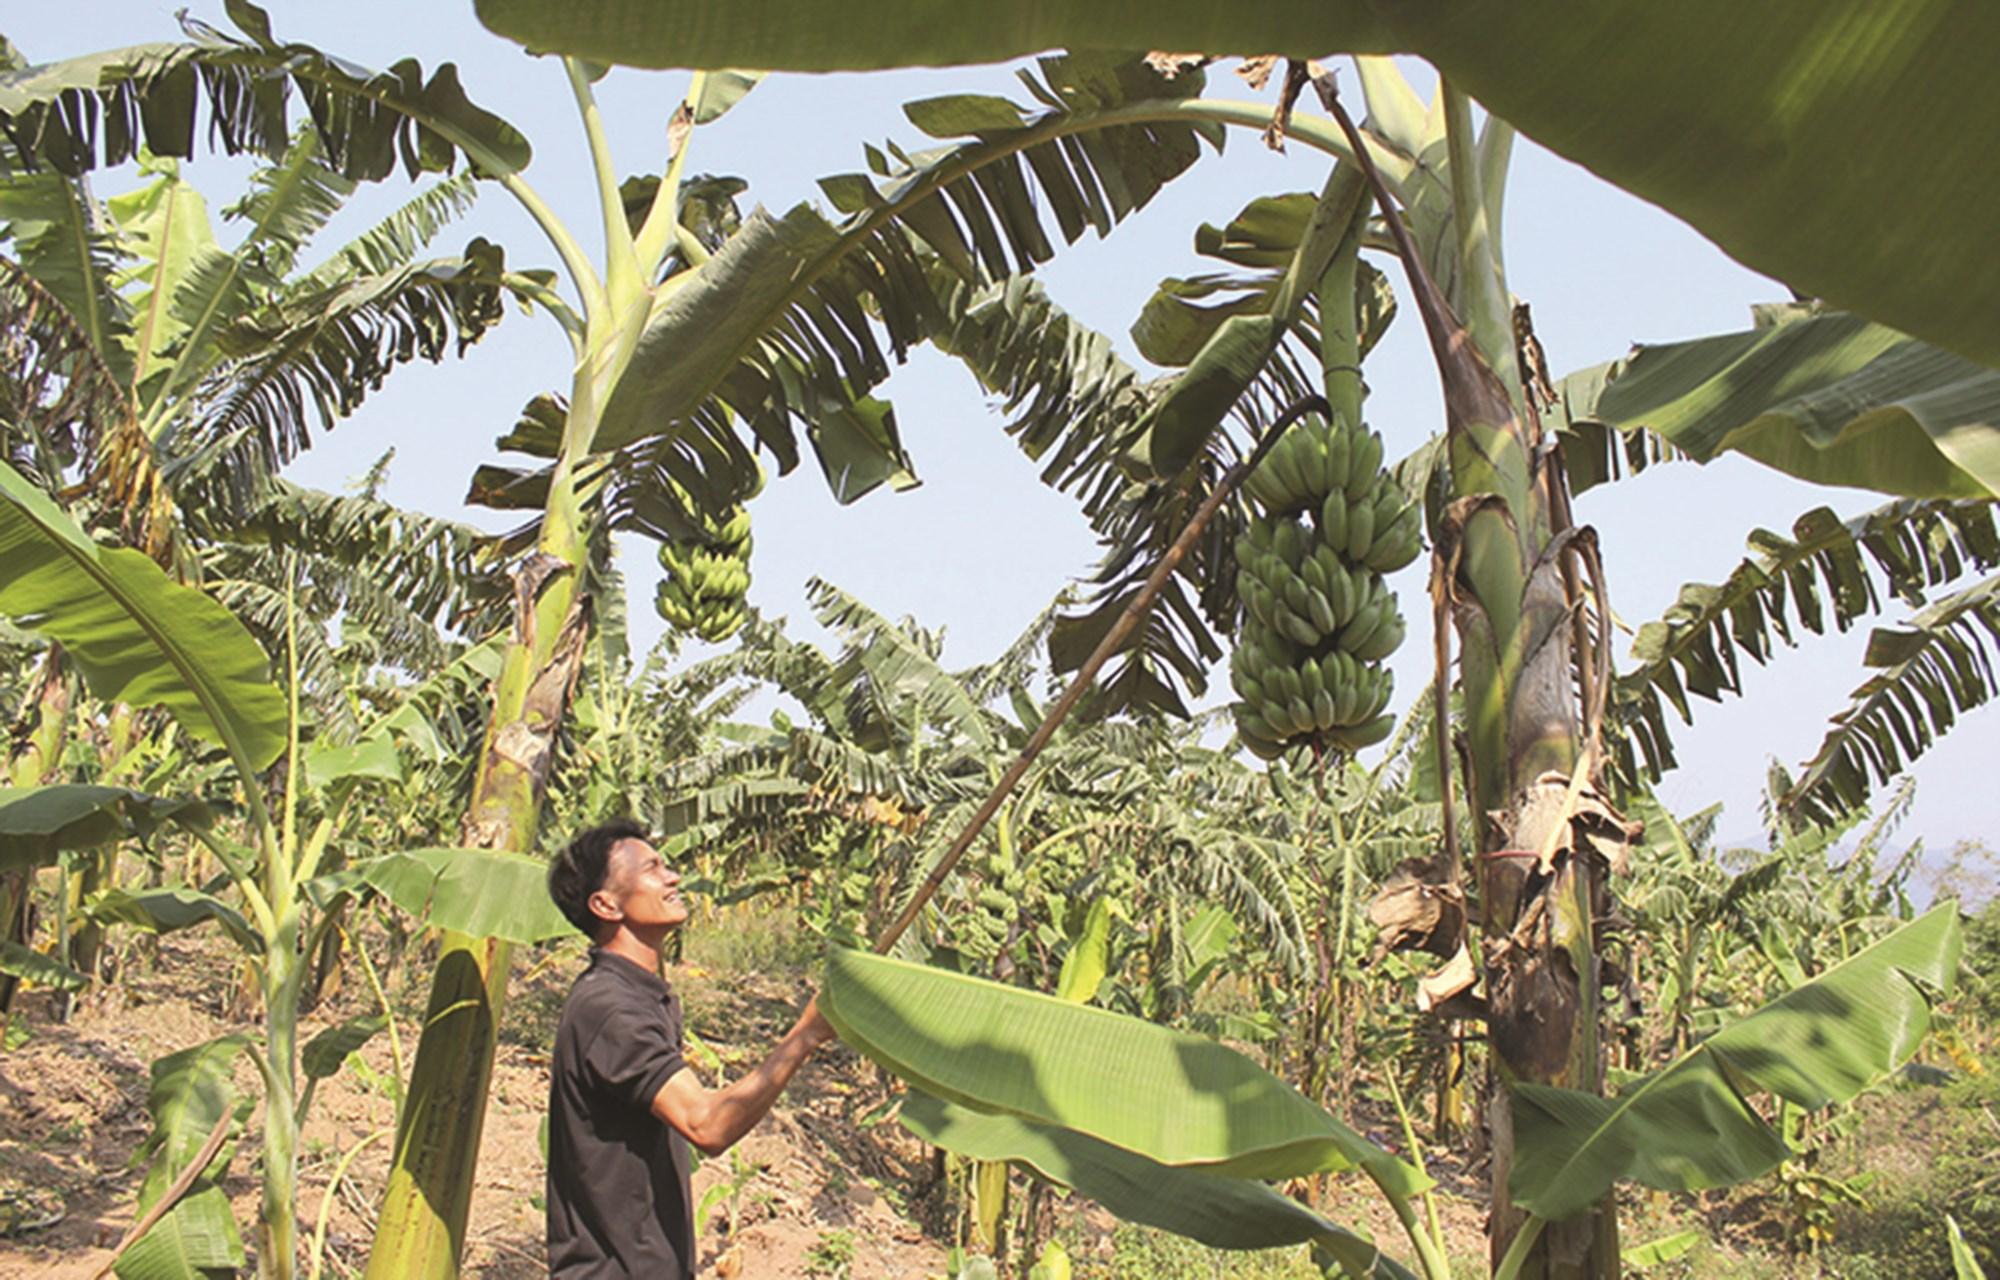 Mô hình trồng chuối của người dân miền núi Thừa Thiên-Huế cho thu nhập cao.